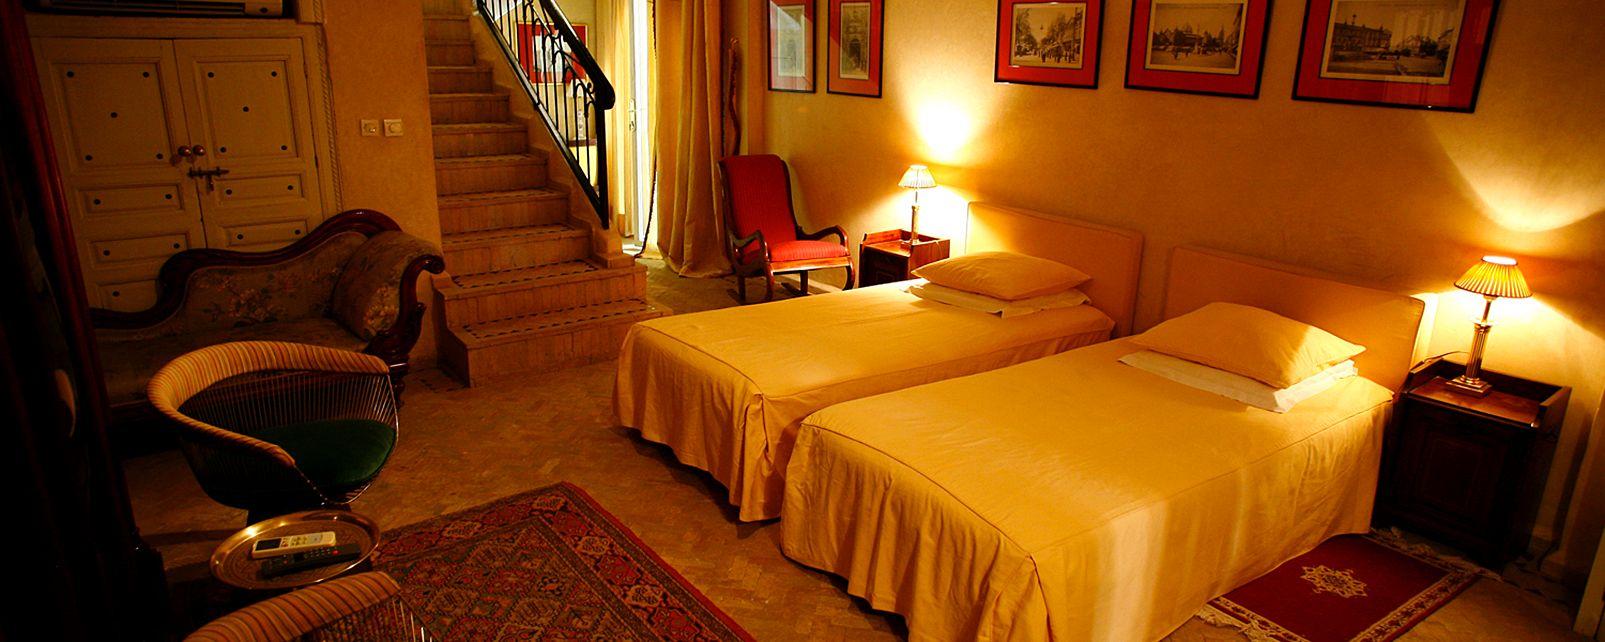 Hotel Riad Dar Hasna